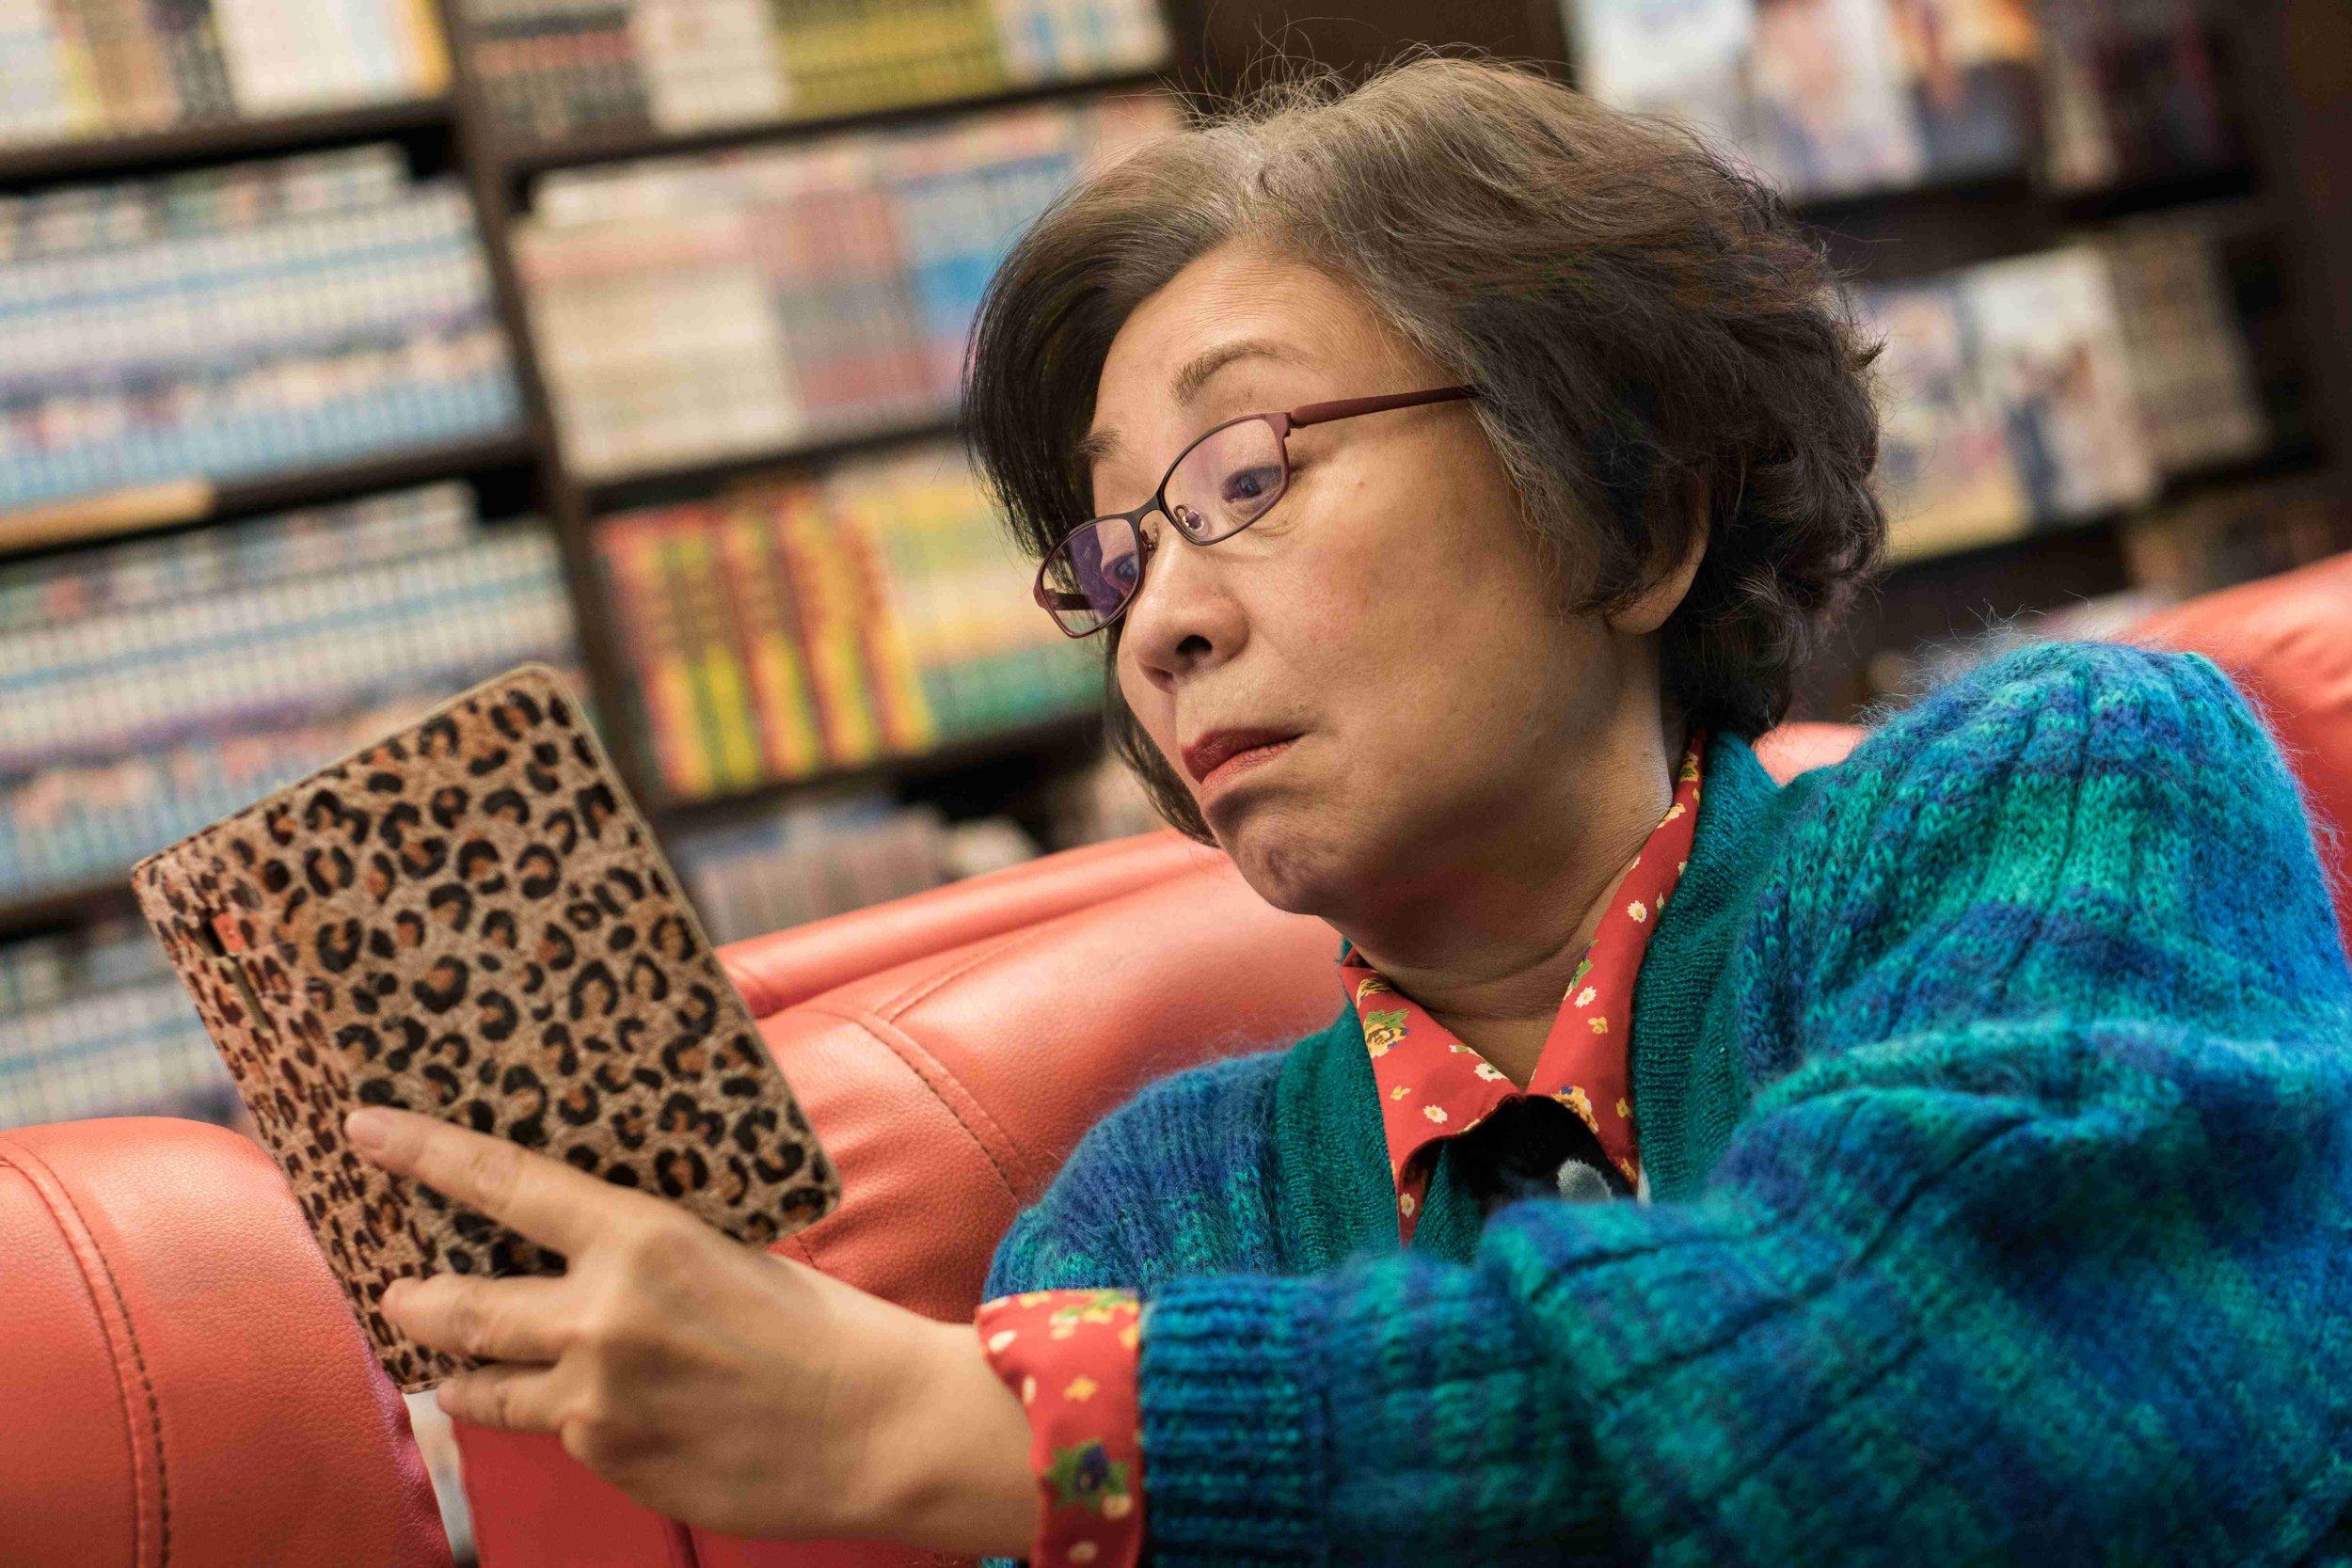 STORIES OF WOMEN TALK   With Moderator Helen De Witt, Director Bon An (Sen Sen) and Director Shin Su-won (Glass Garden) in partnership with Asia House